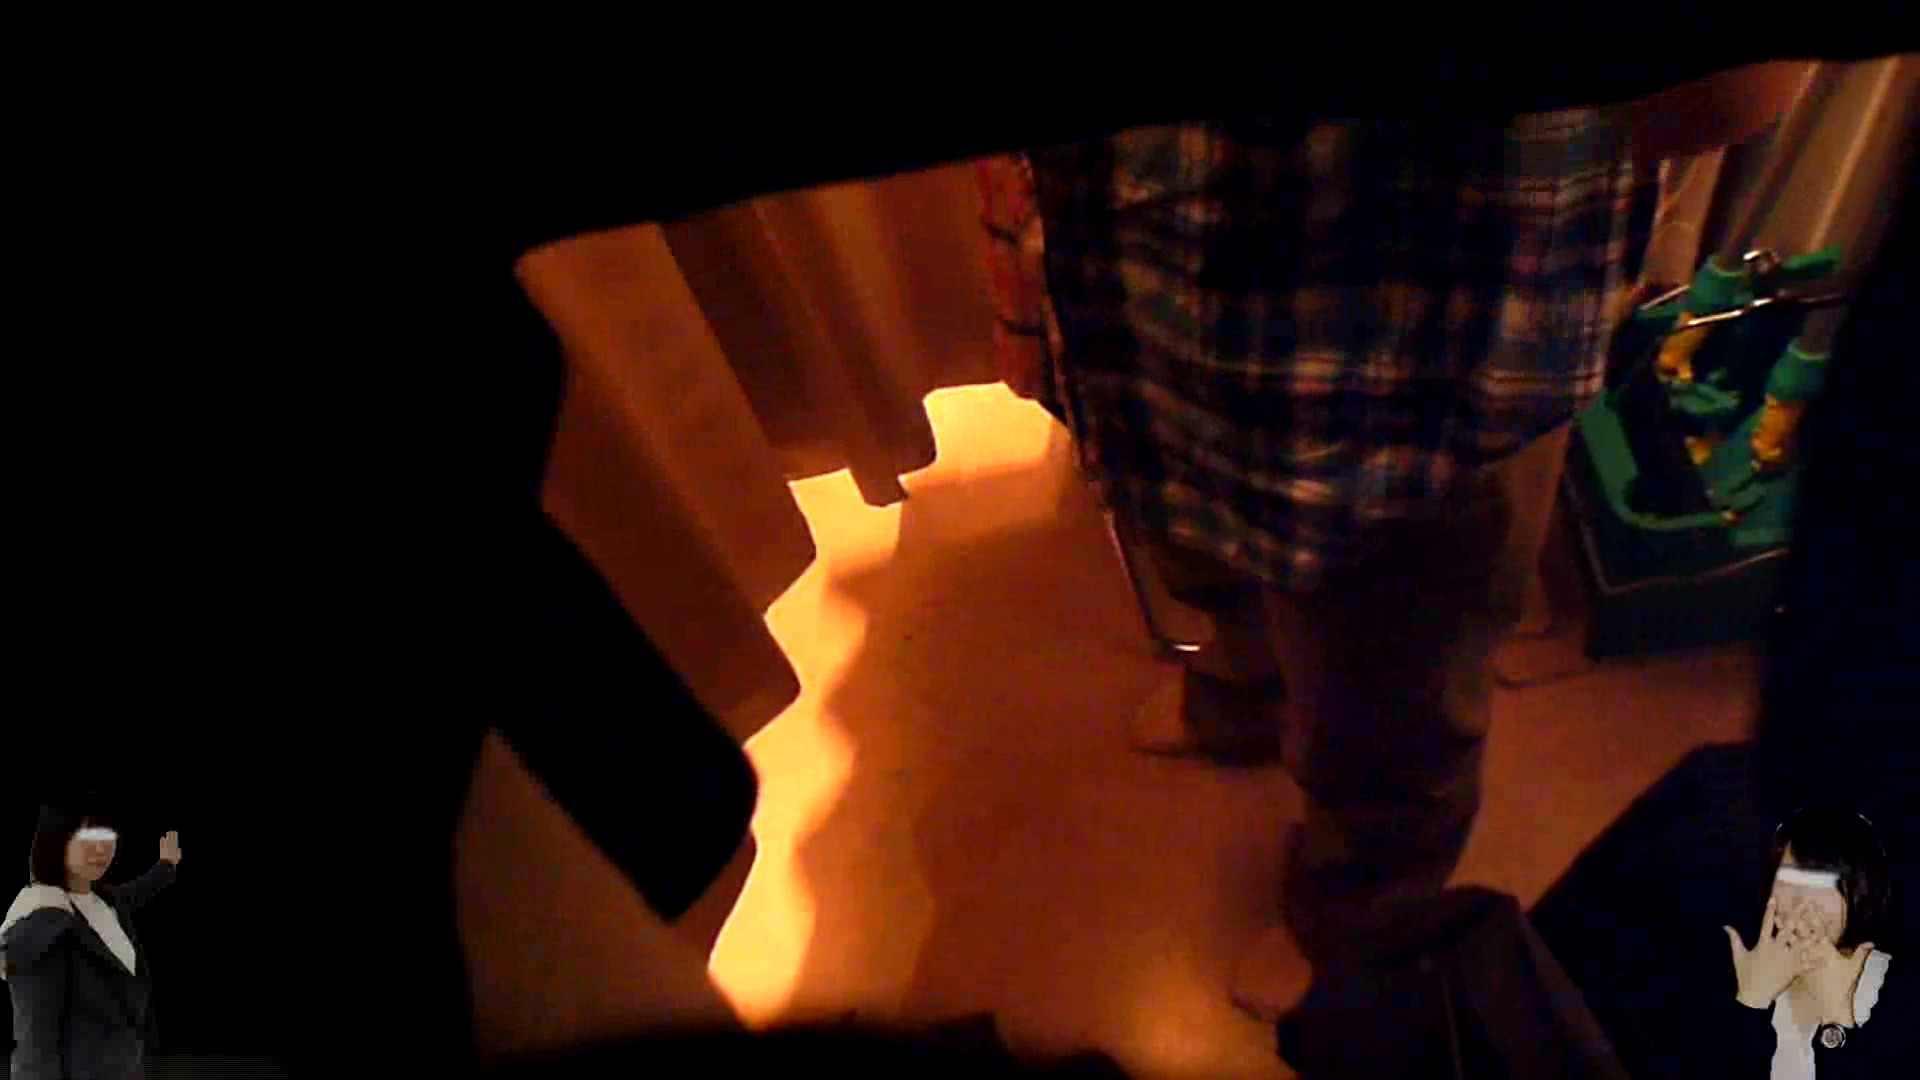 素人投稿 現役「JD」Eちゃんの着替え Vol.04 素人丸裸 おまんこ無修正動画無料 107pic 50